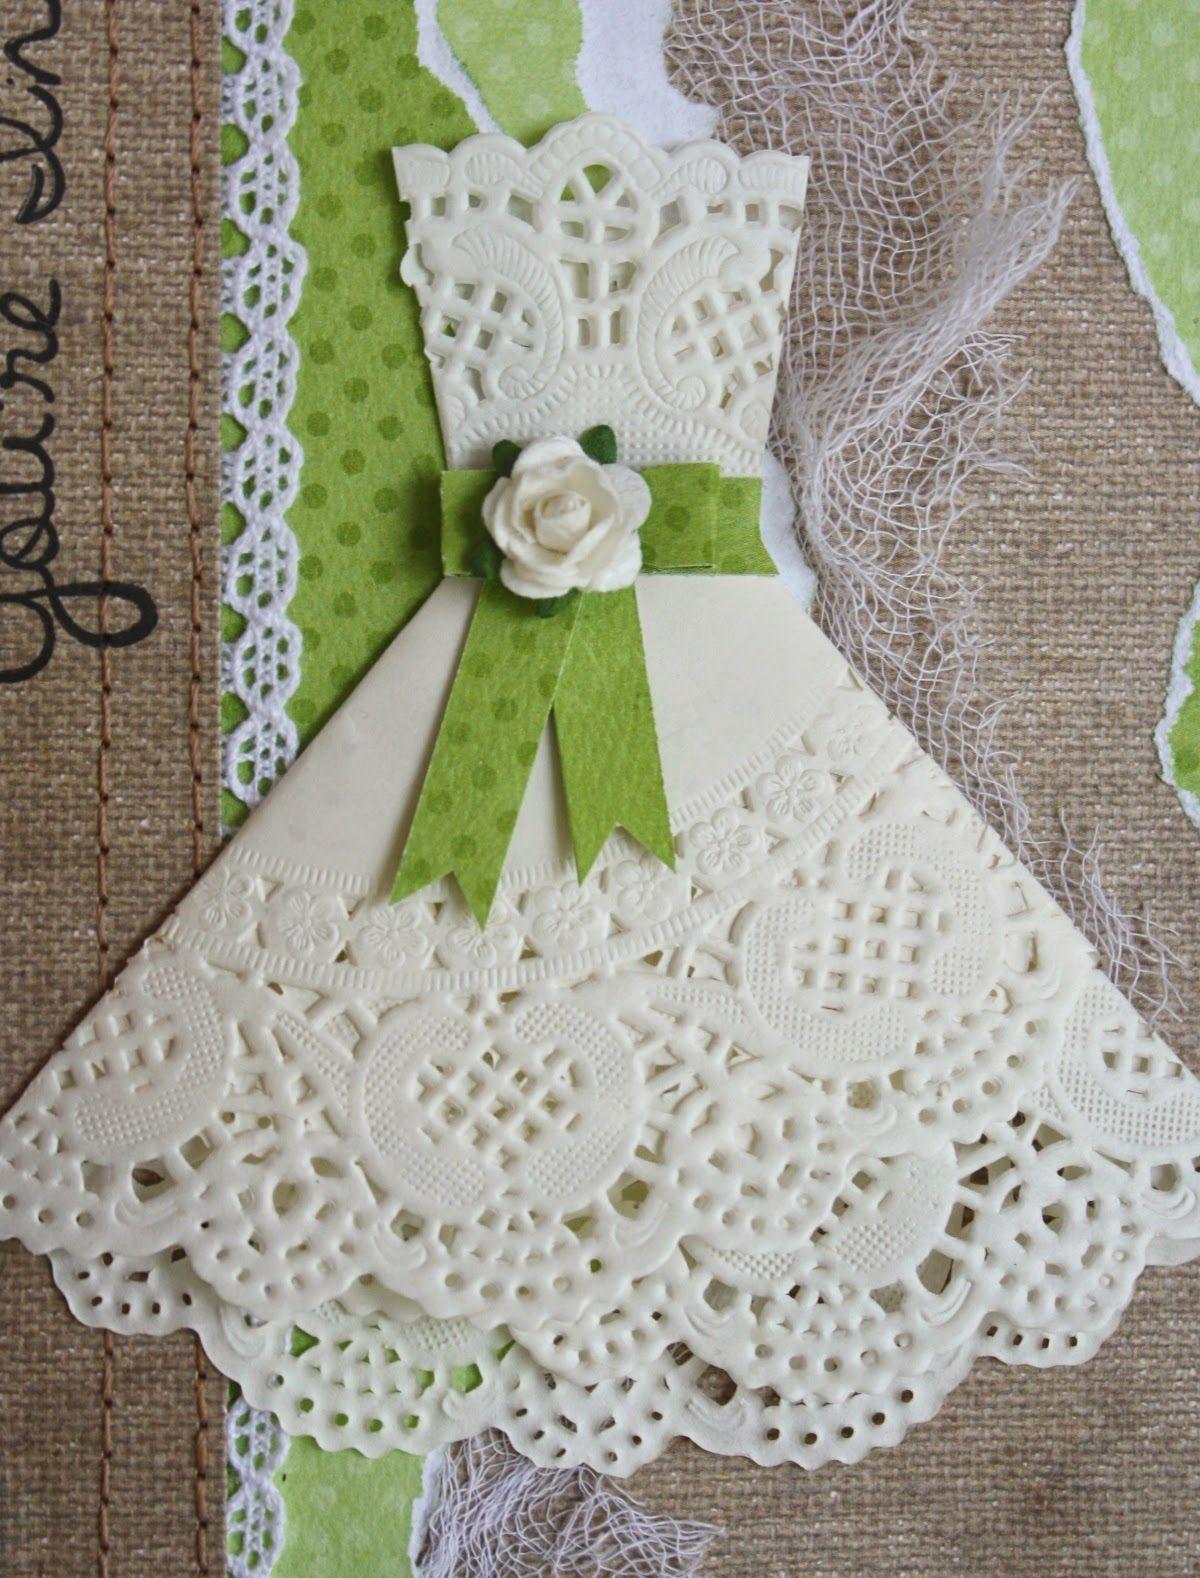 Как сложить платье из салфетки для открытки, поздравления тремя